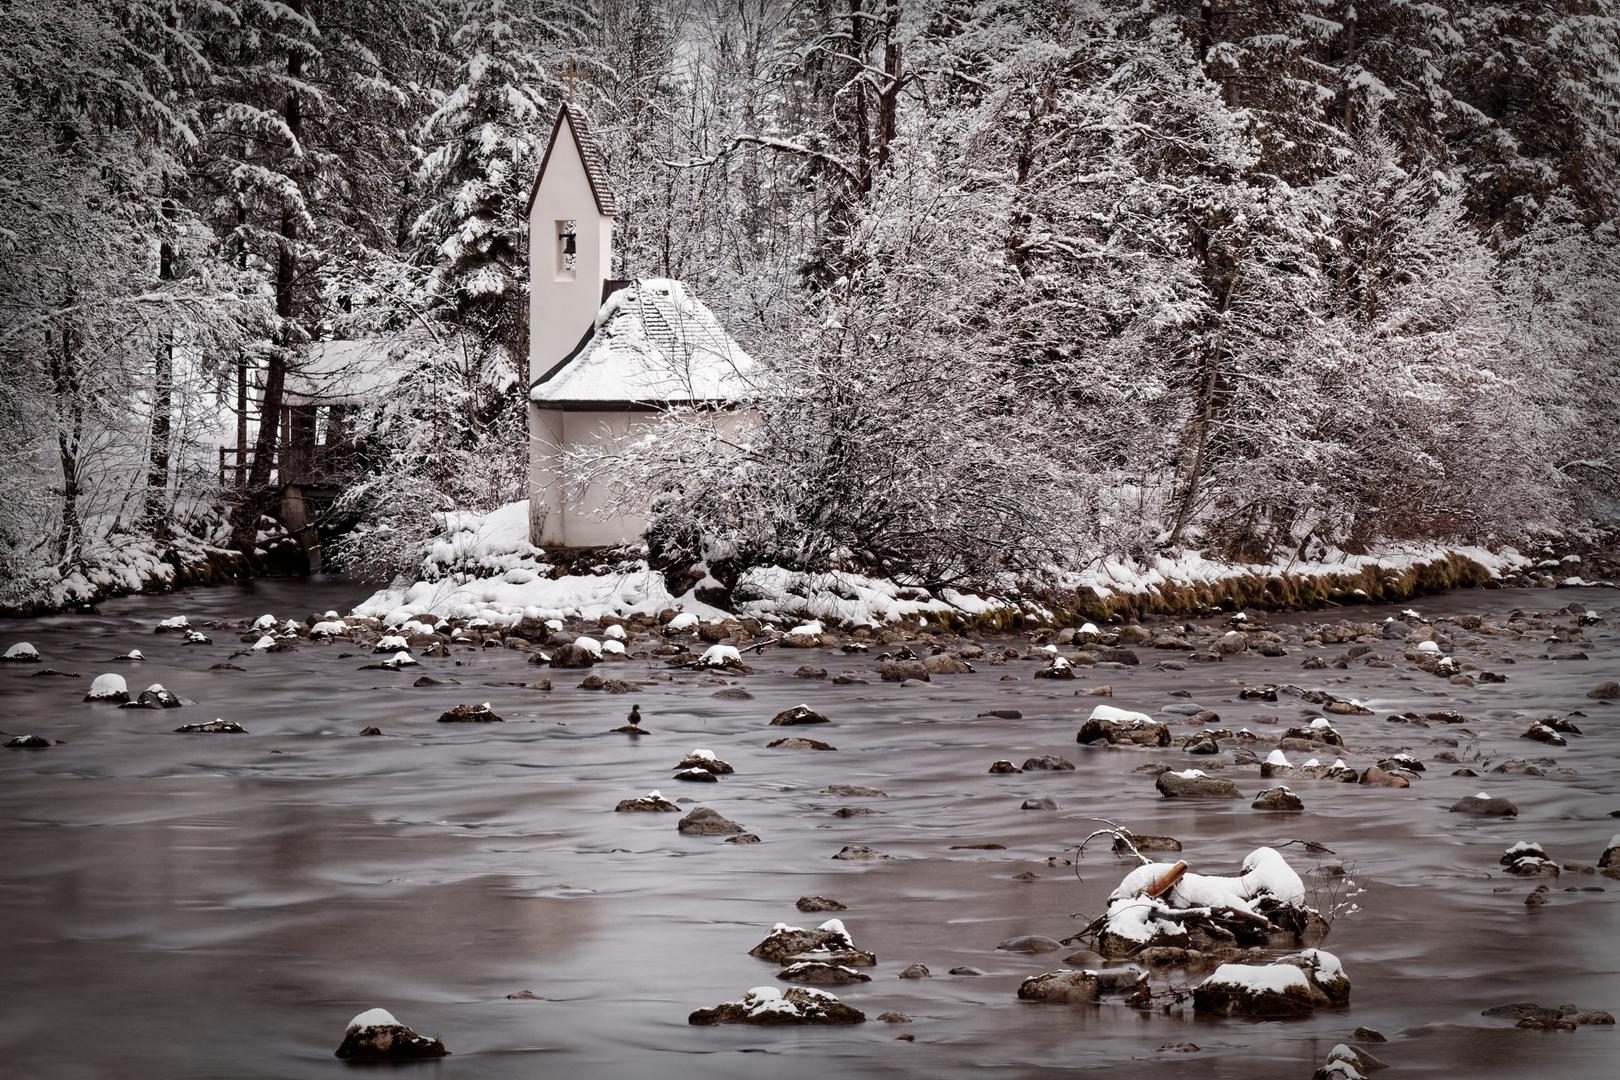 20210316_Quiet_Winter_Scene_2